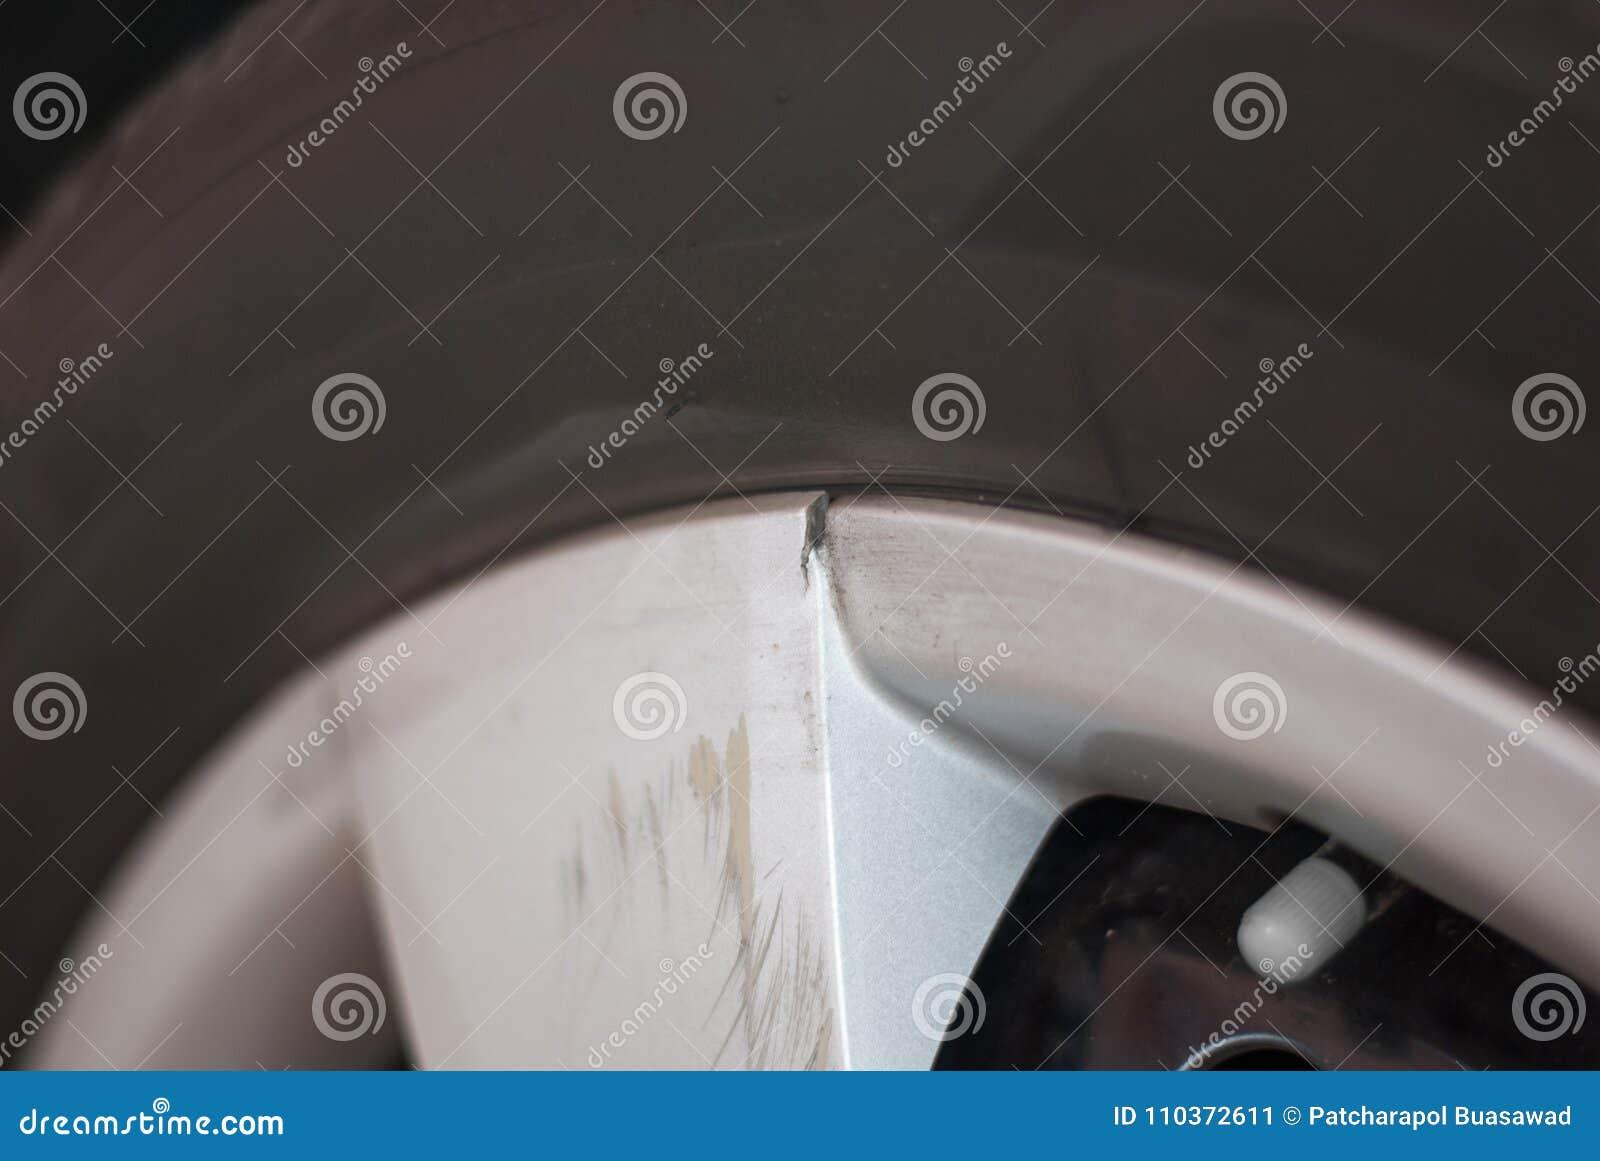 De zilveren rand van de autoband is gebroken en gekrast wegens het raken van s